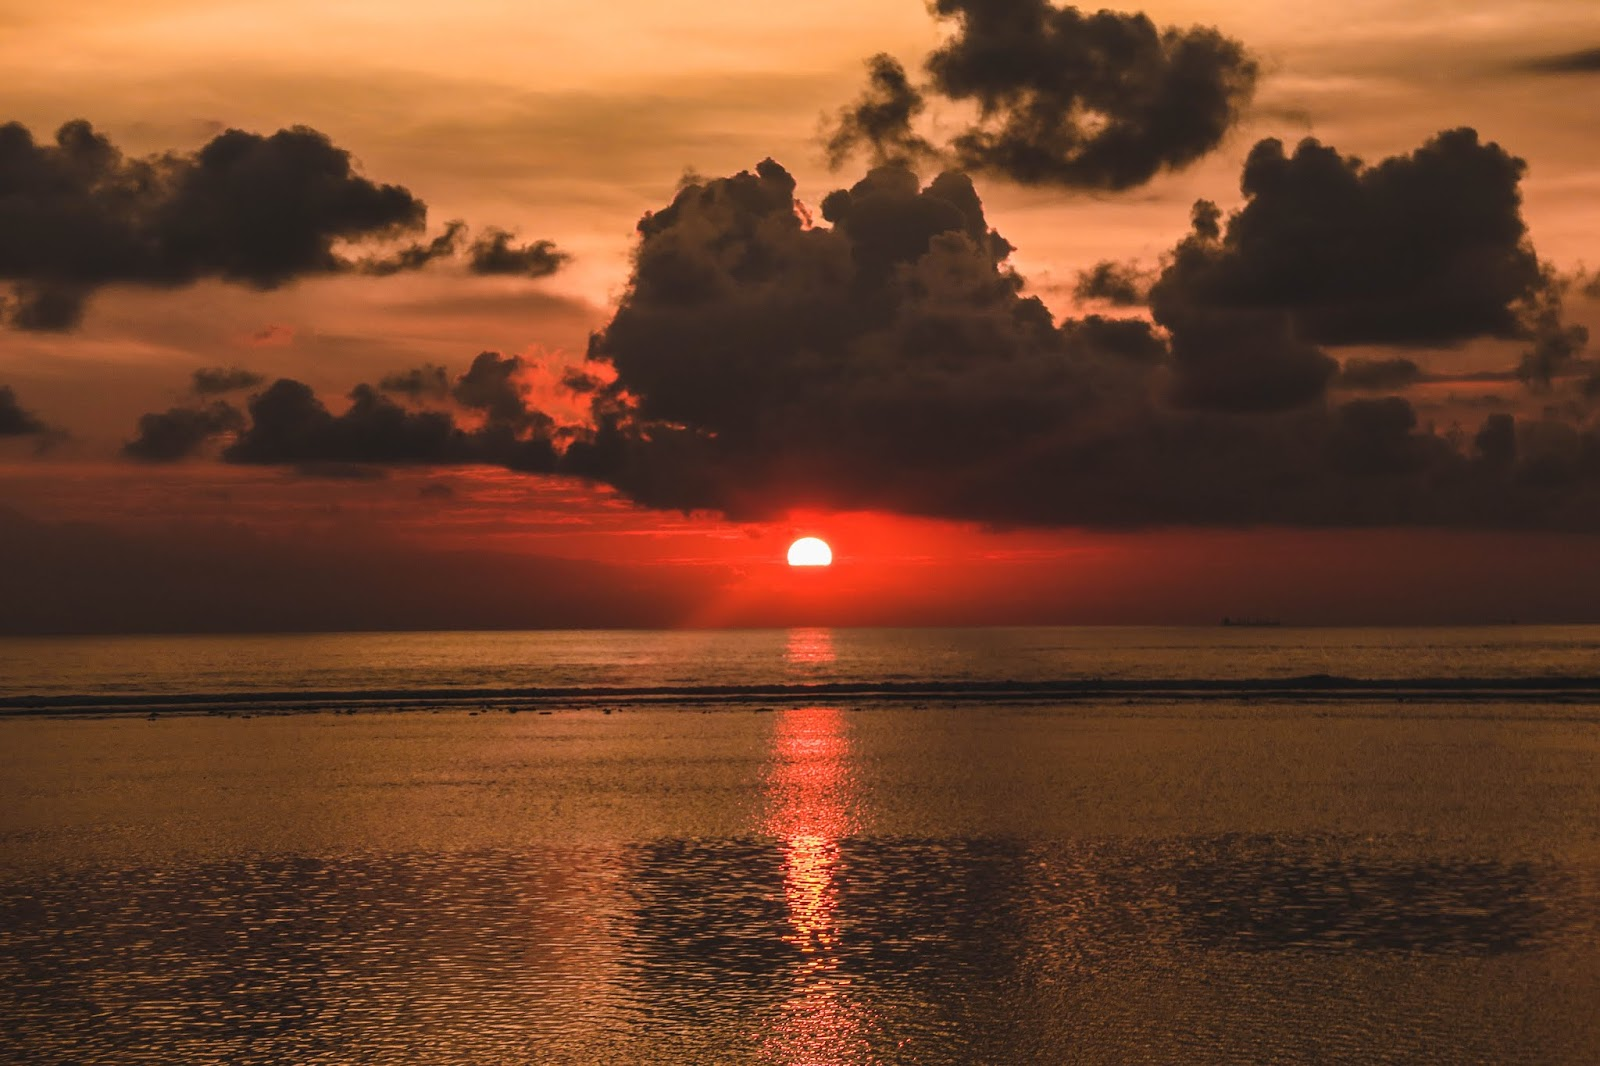 Sunset in Gili Trawangan Bali Indonesia